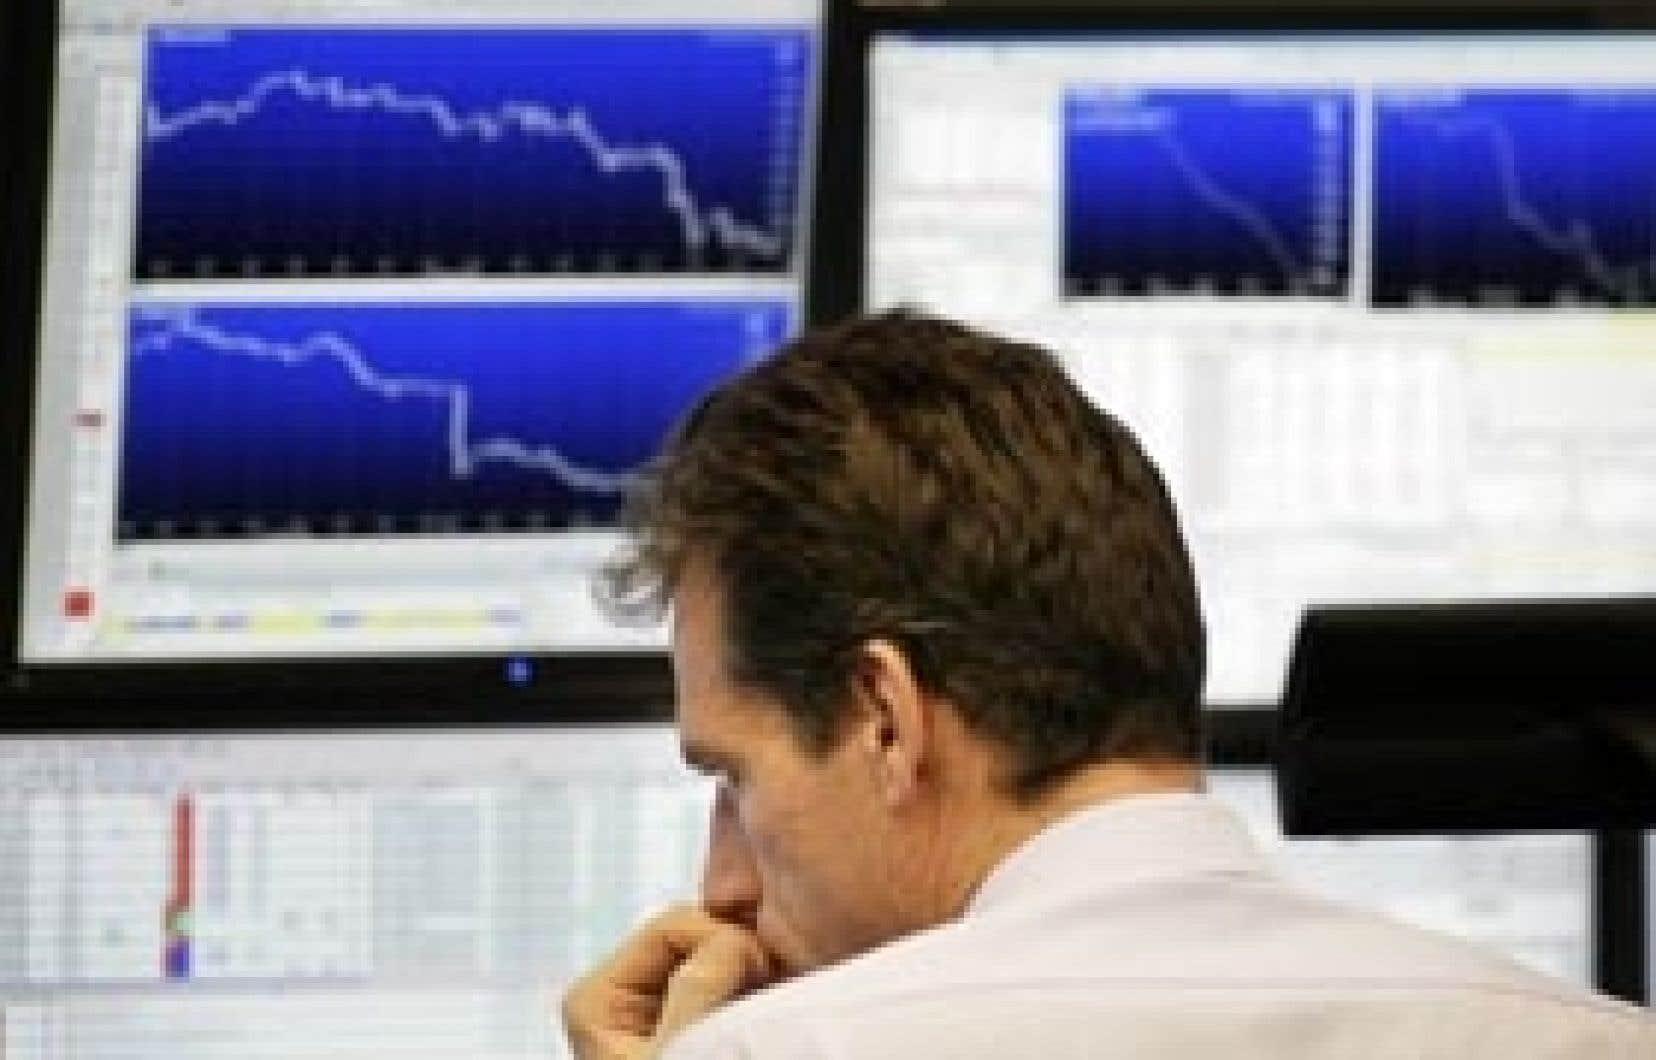 Un courtier allemand regarde les cours de la Bourse de Francfort, le DAX. Les pays européens annoncent les uns après les autres des garanties illimitées, ou revues à la hausse, des comptes bancaires des particuliers, pour éviter des mouvements de pa